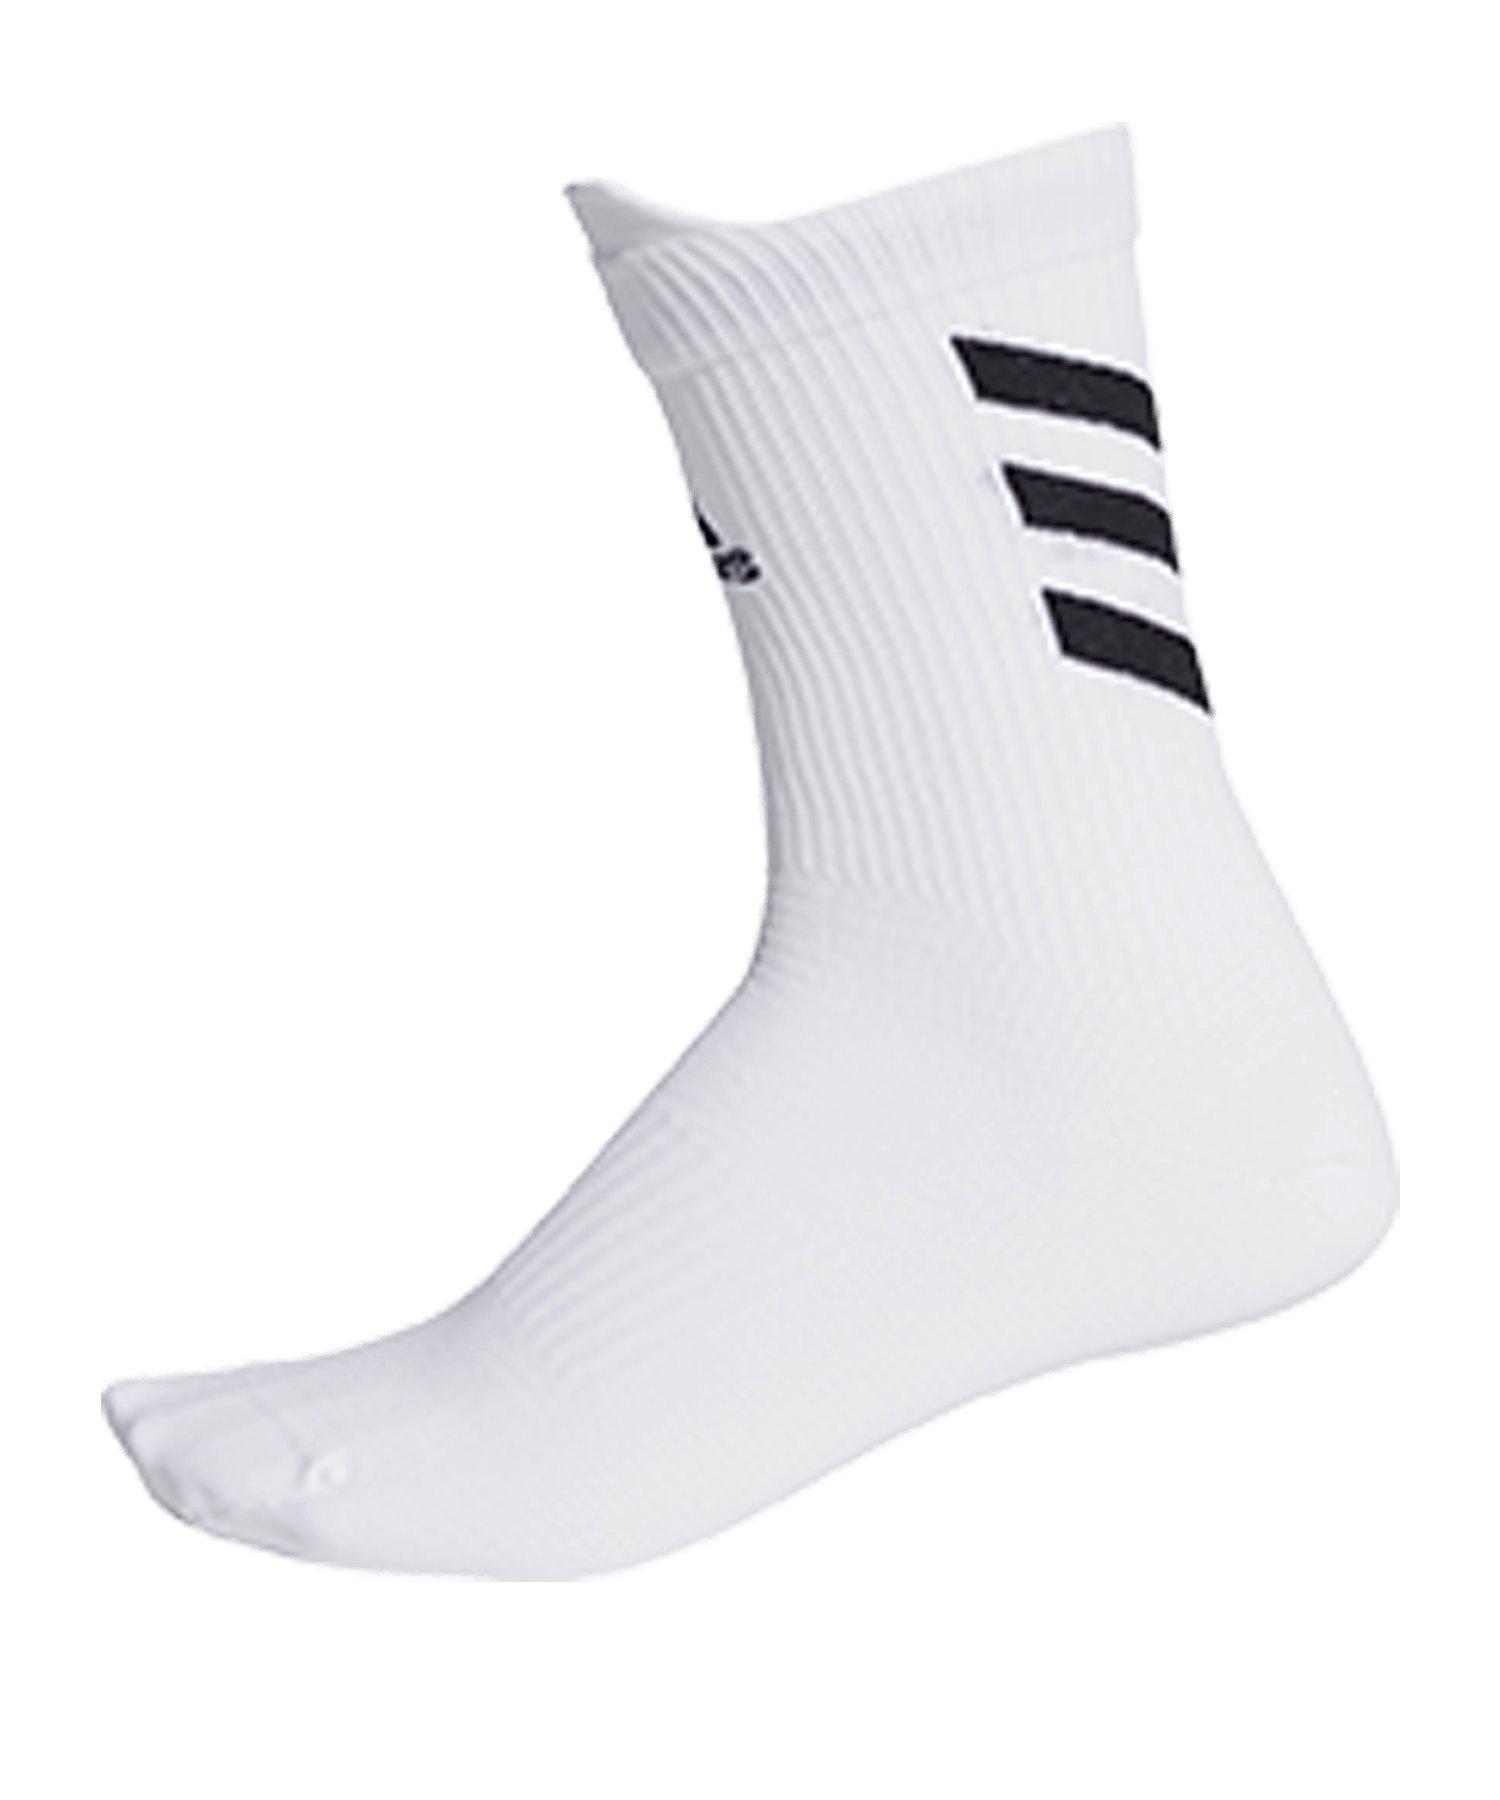 adidas Alphaskin Ultra Light Socken Weiss - weiss